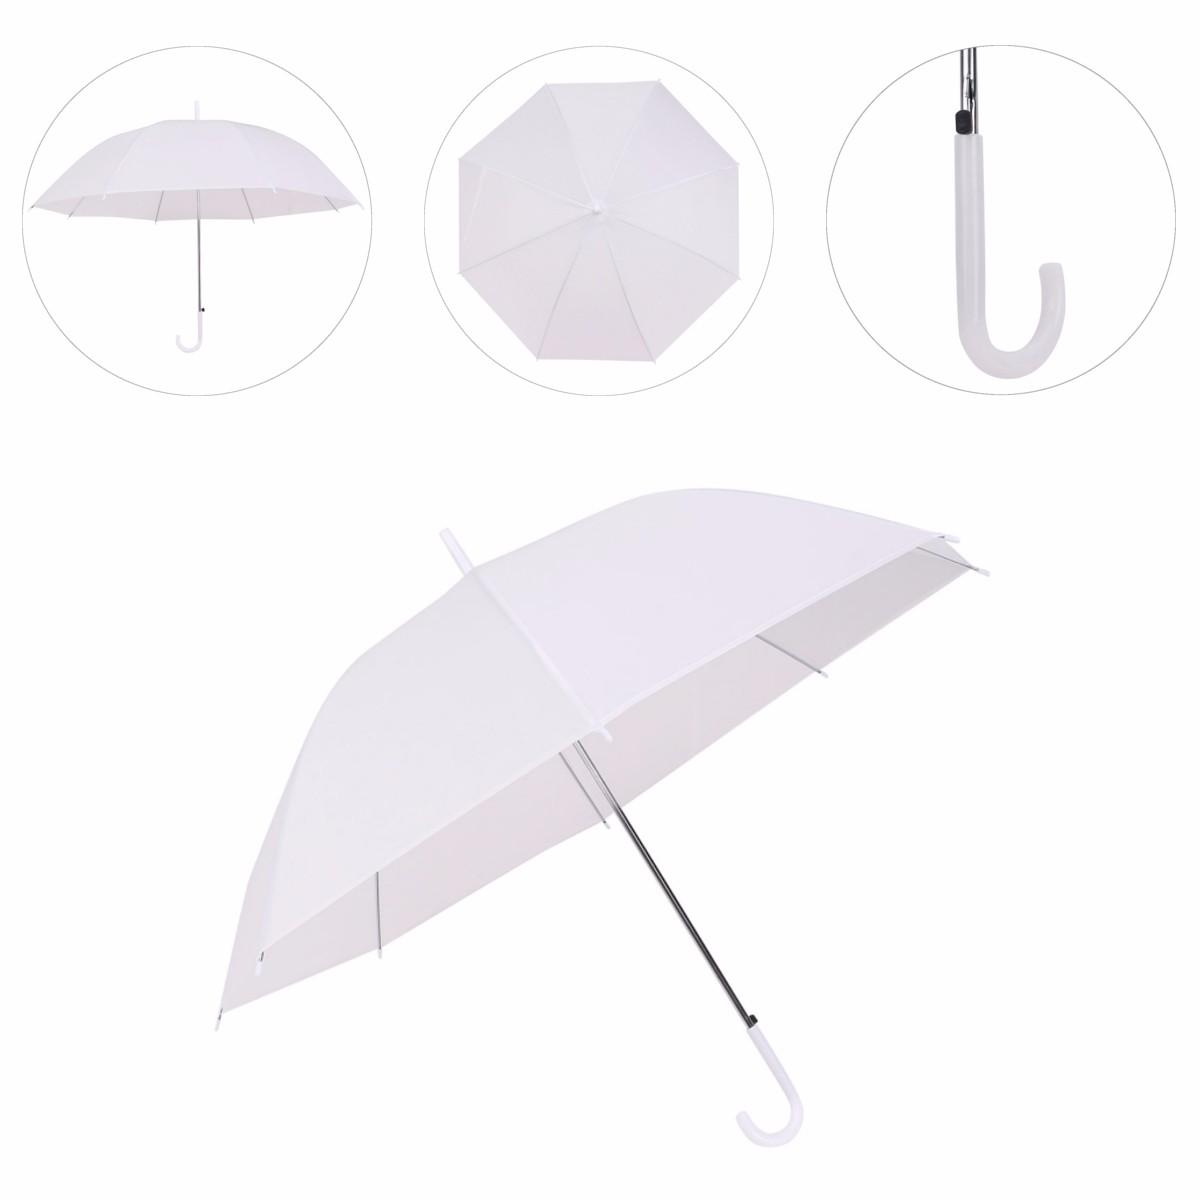 33984c84c Dome White Transparent Umbrella Large Clear Scrub Parasol Sun Rain for  Ladies Wedding